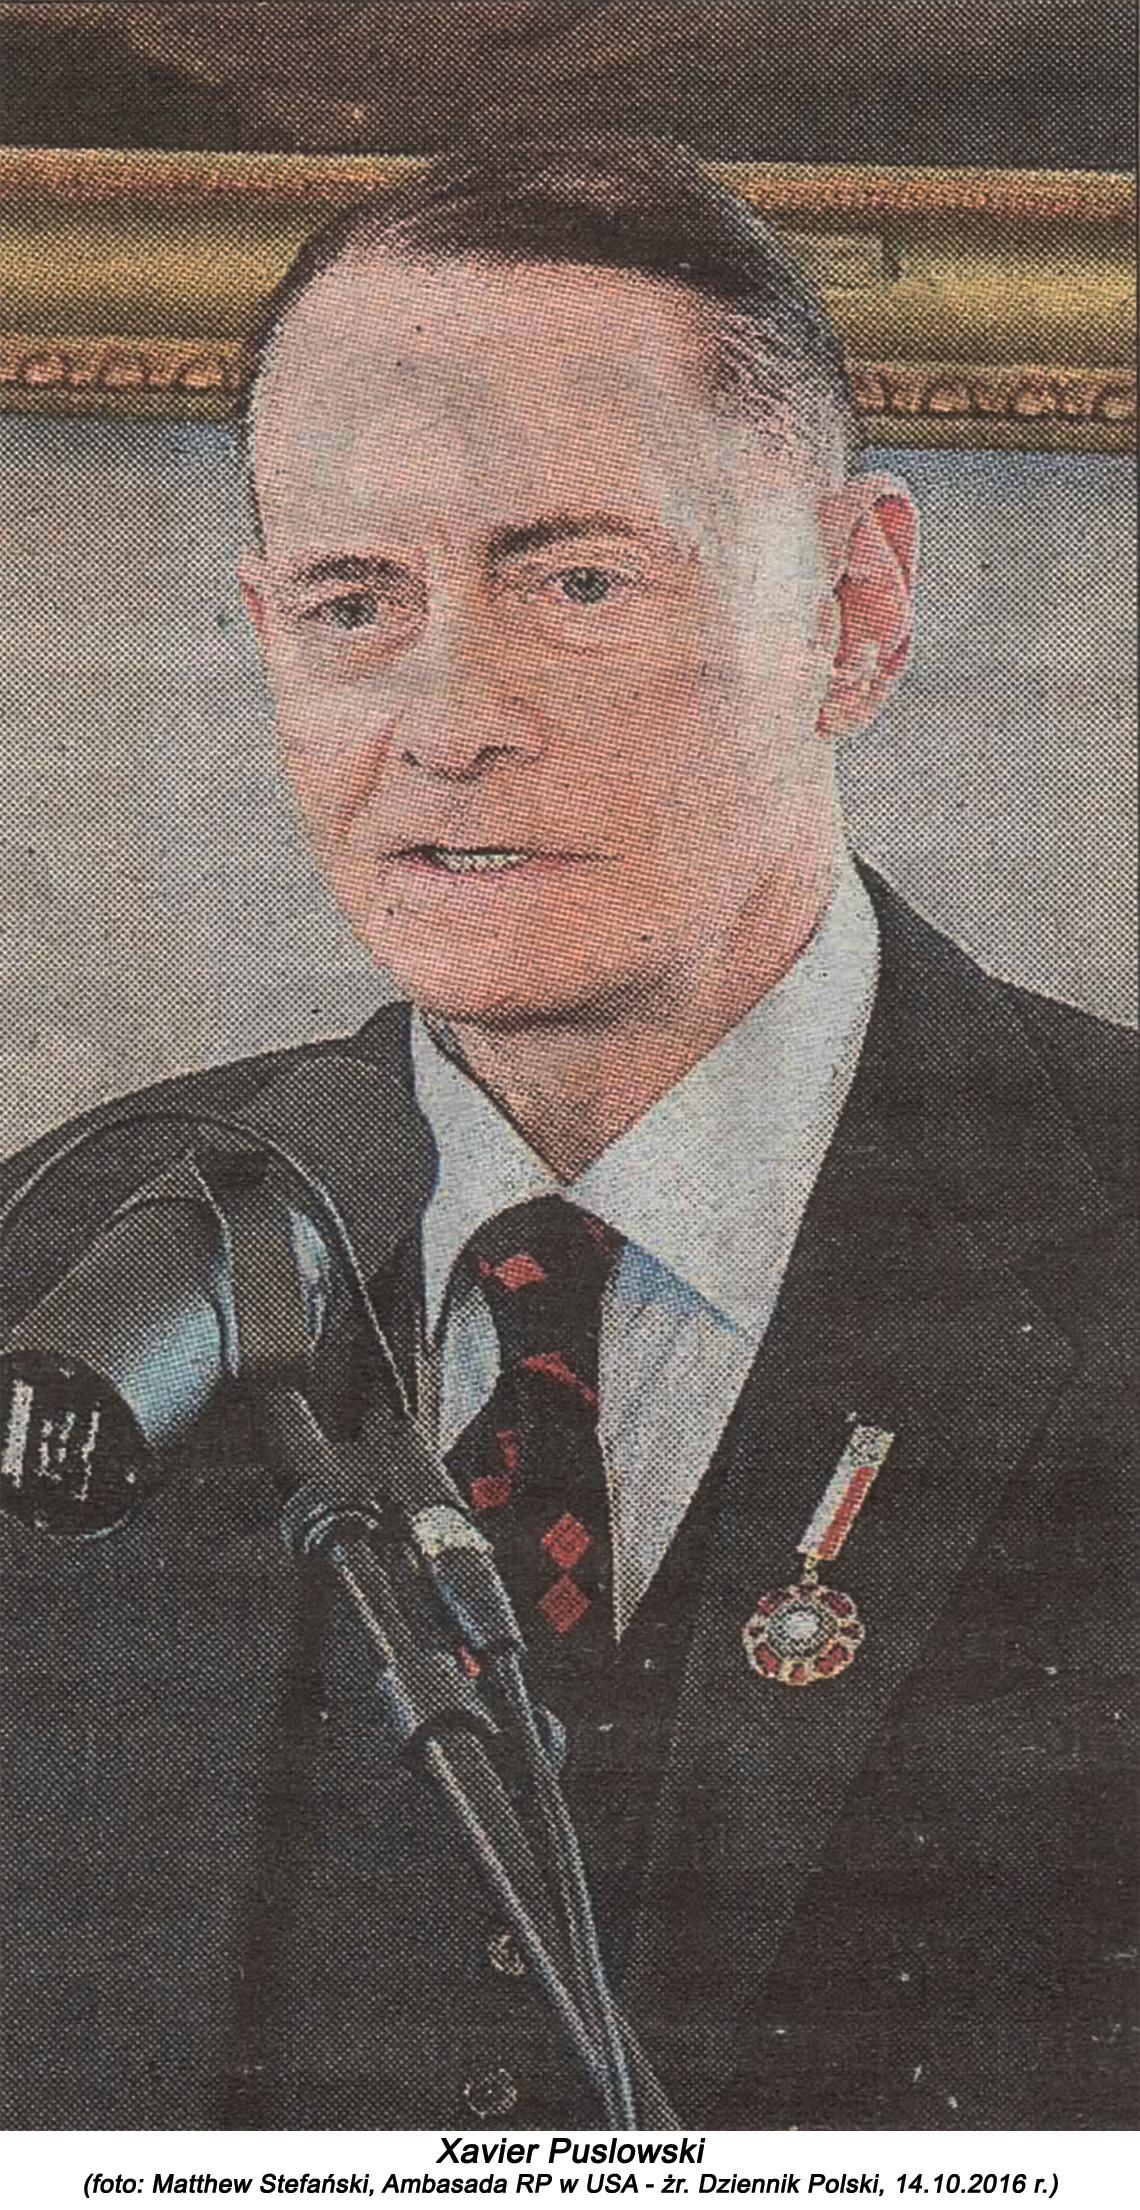 Xavier Puslowski (foto Matthew Stefański Ambasada RP w USA, źr. Dziennik Polski 14.10.2016 r.)